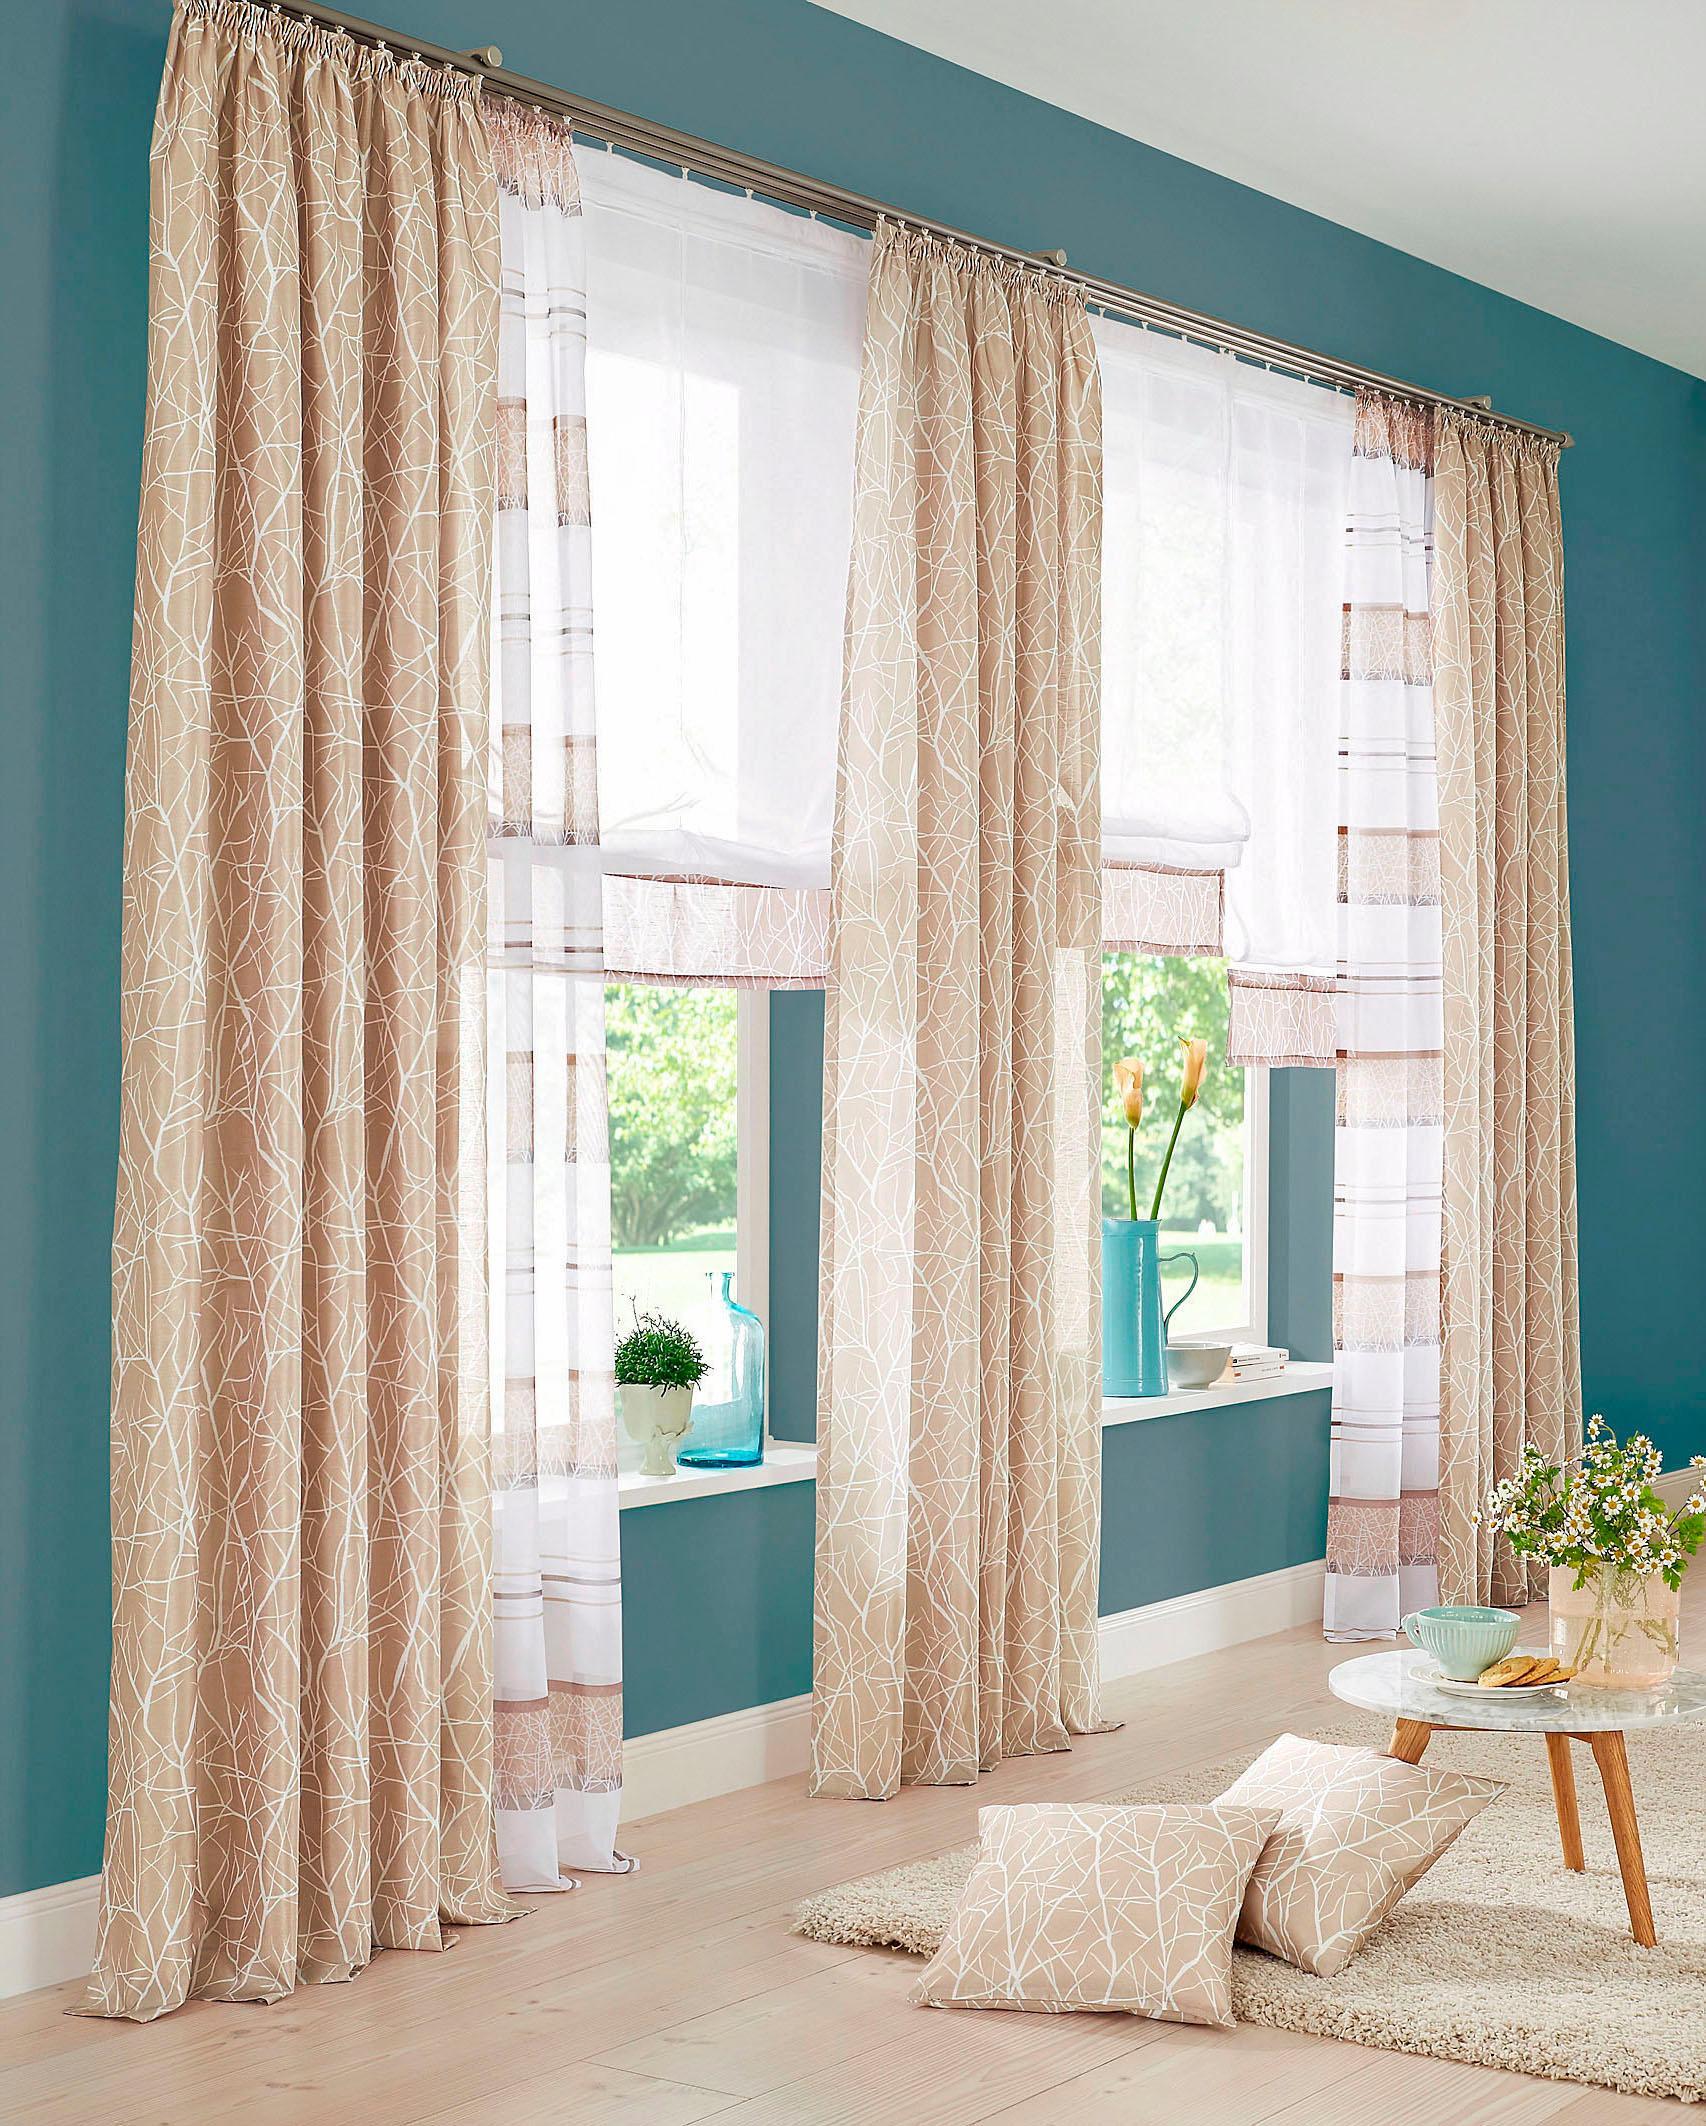 raffrollo camposa mit klettband my home gardinen nach. Black Bedroom Furniture Sets. Home Design Ideas